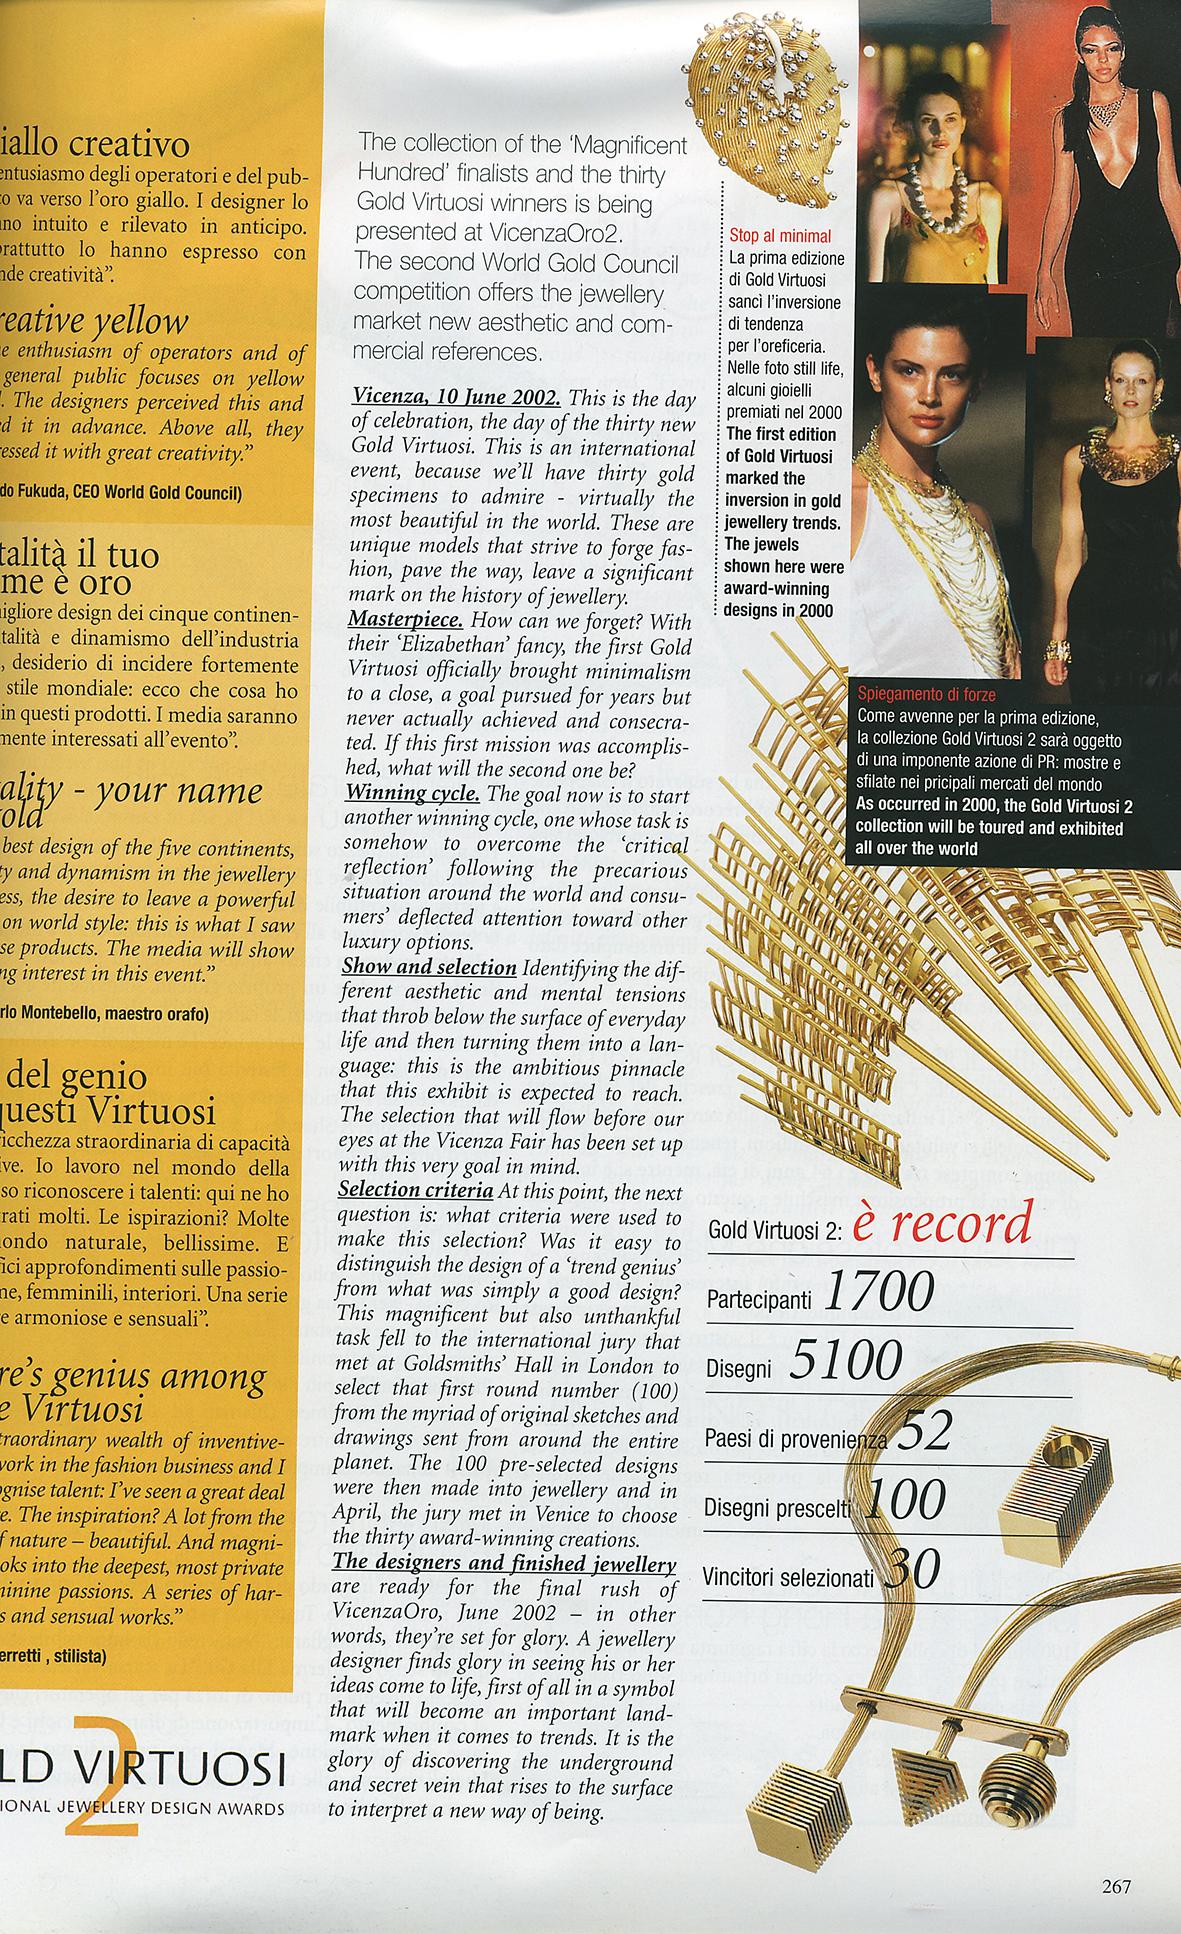 VICENZAORO MAGAZINE 2002